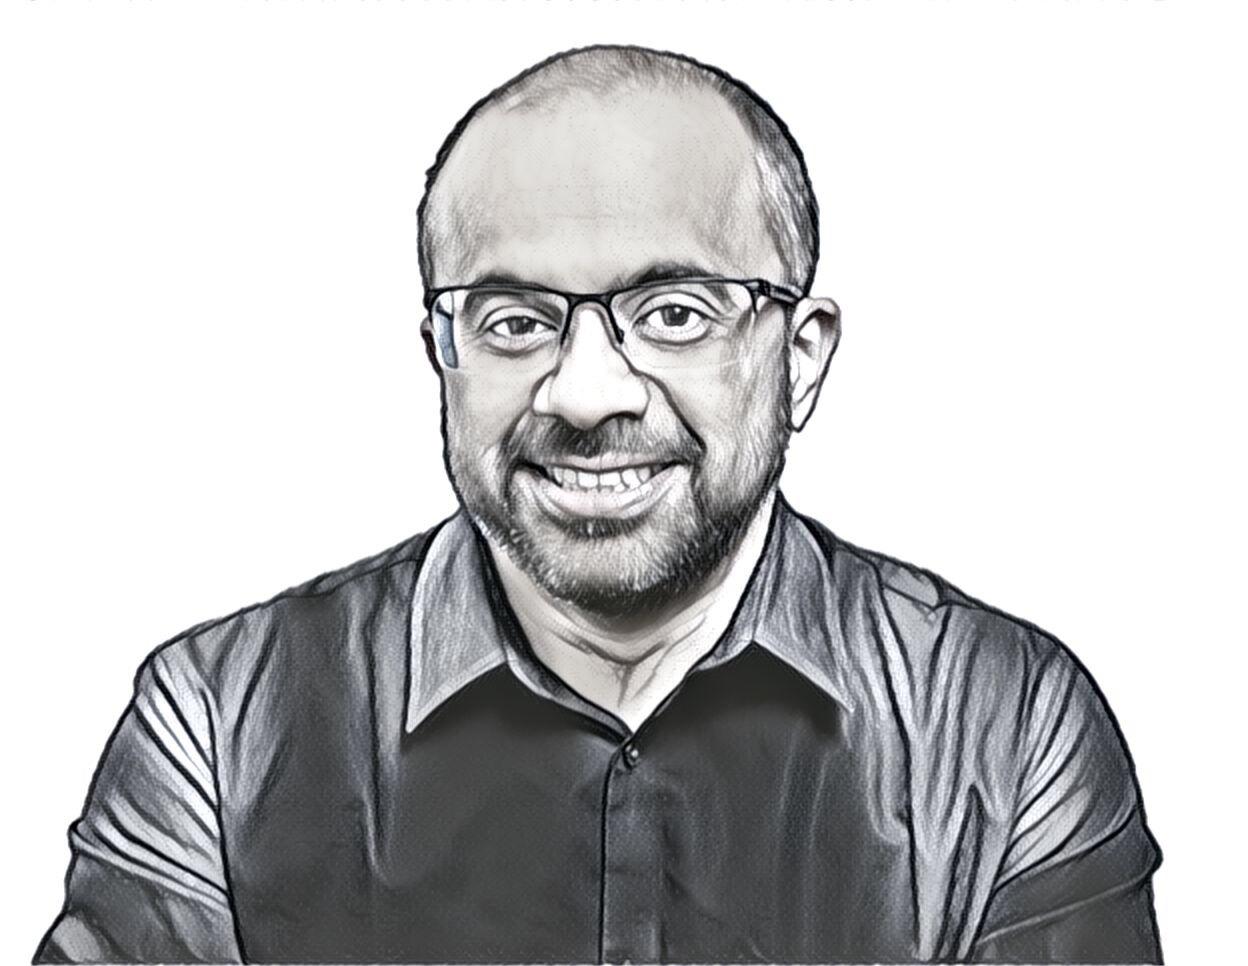 Abhijeet Khadilkar